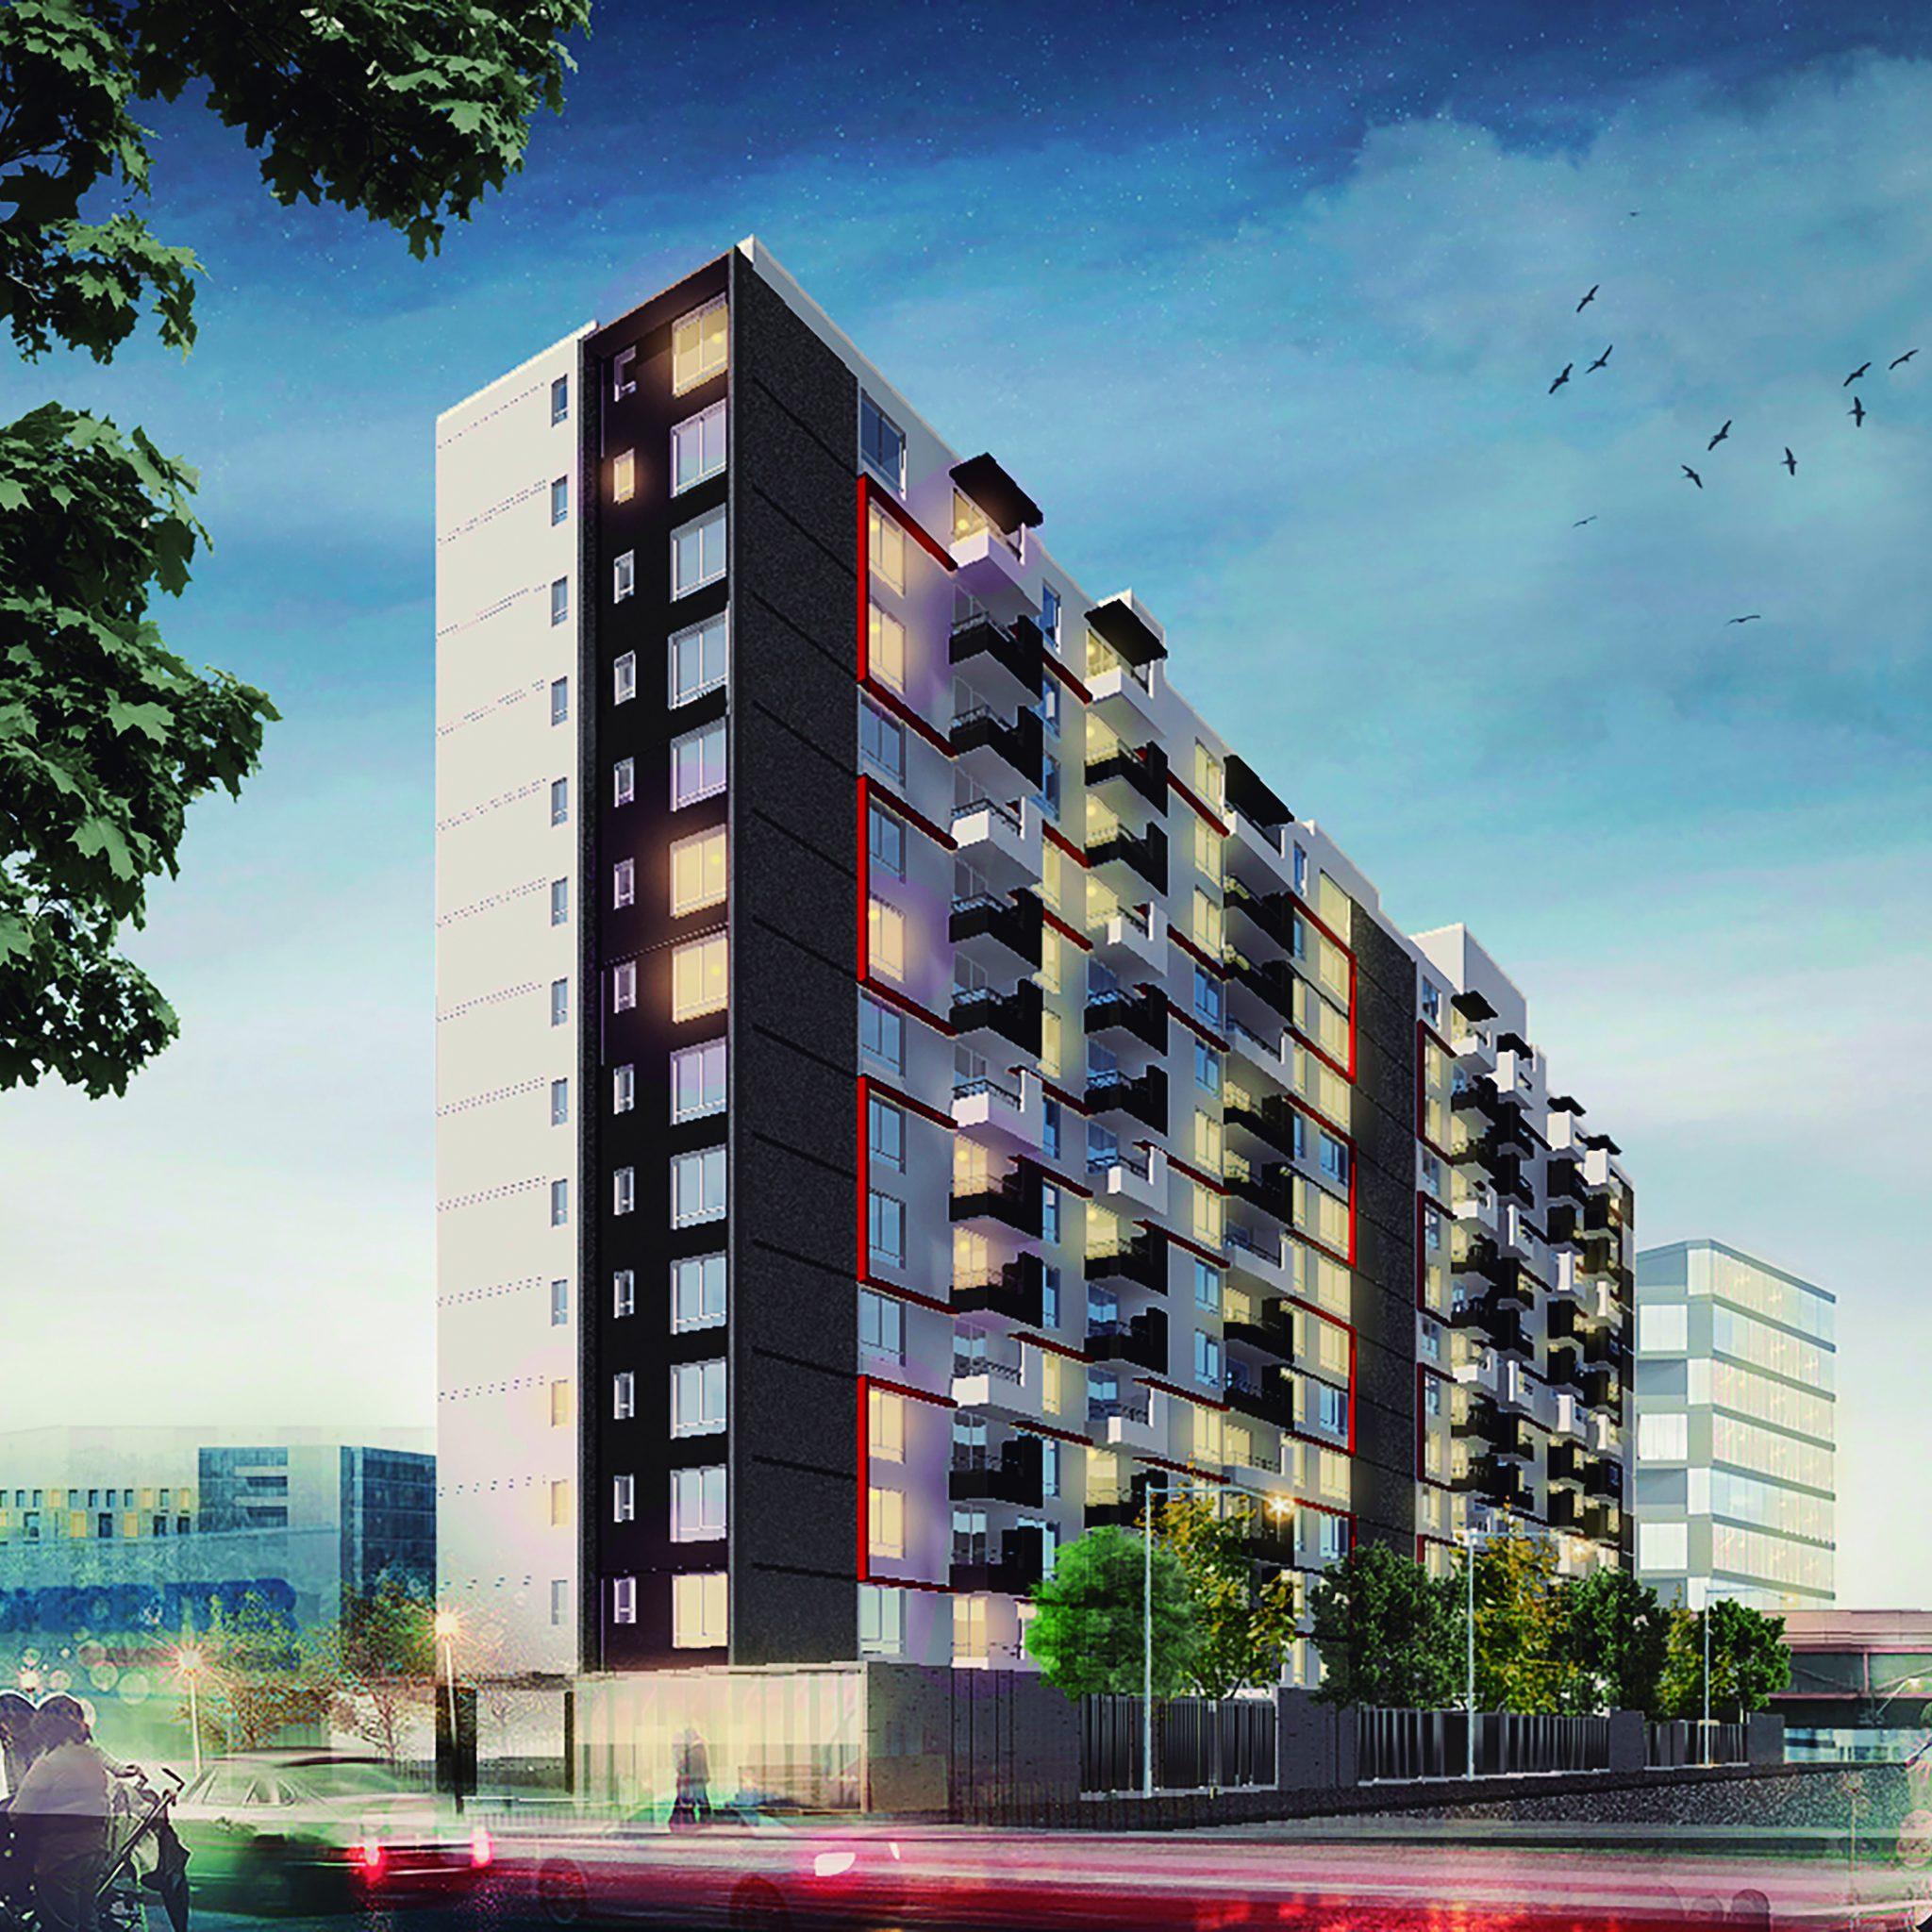 invierte-en-ñuñoa-vicuña-mackenna-nuble-departamento-inversion-inmobiliaria